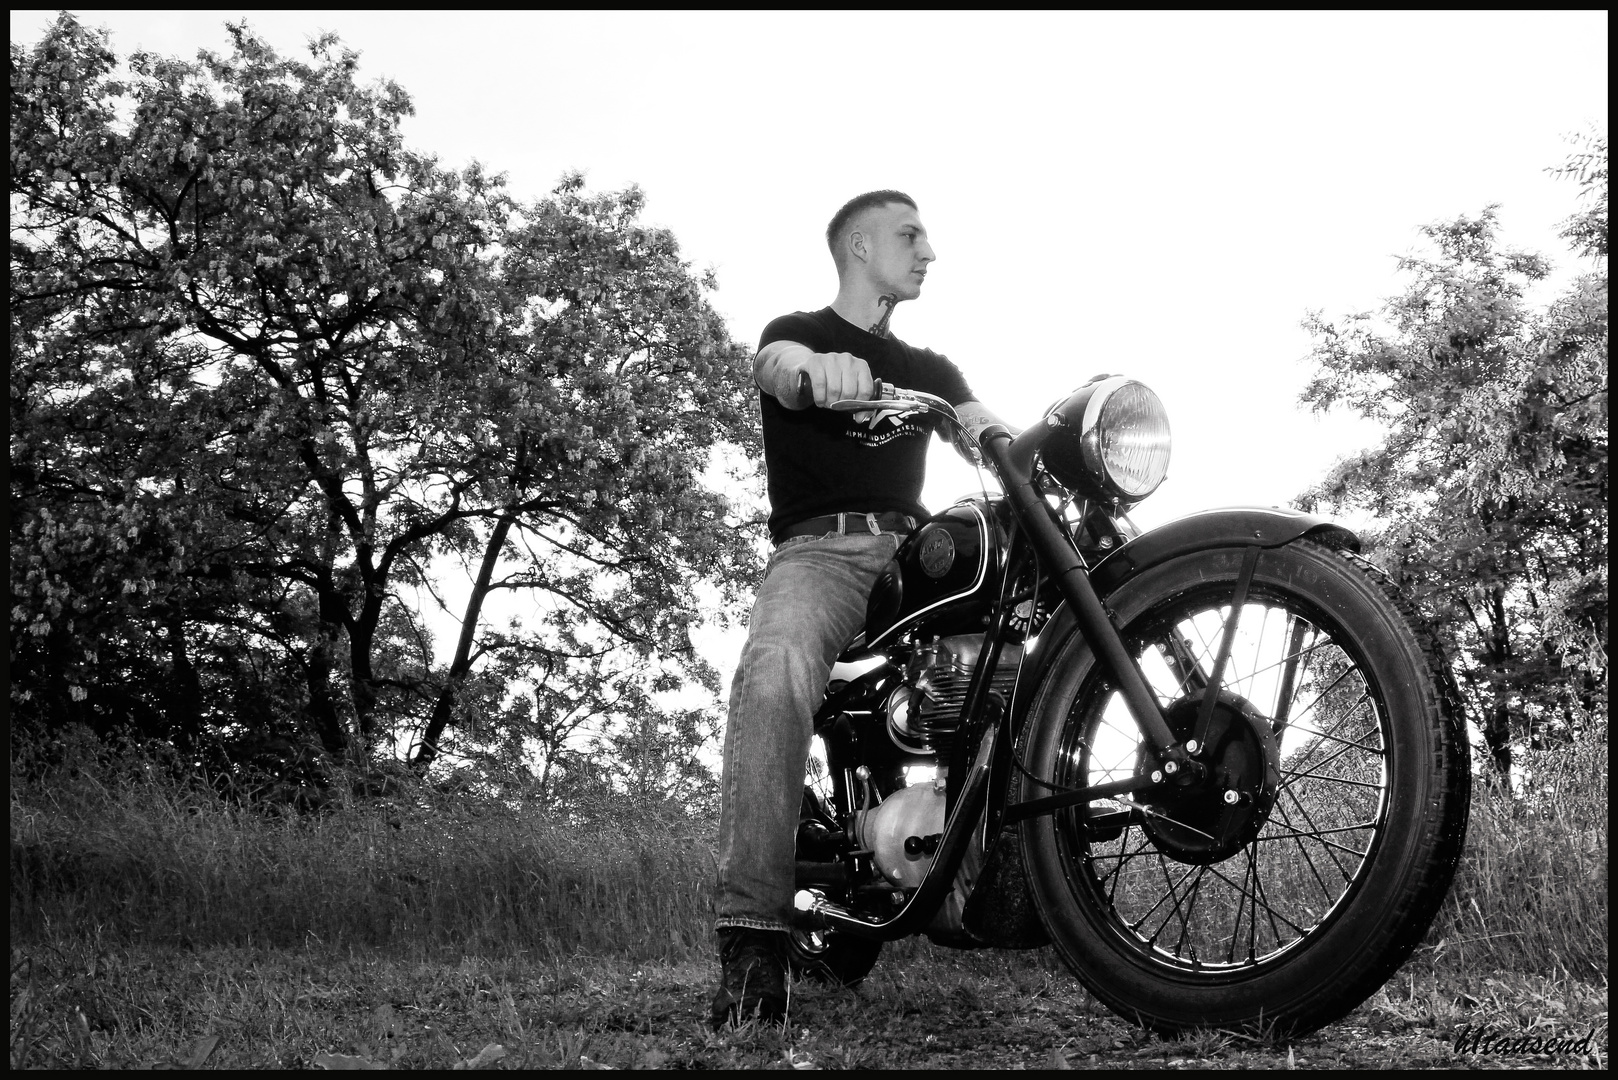 simson awo 425t foto bild autos zweir der motorr der motorrad legenden bilder auf. Black Bedroom Furniture Sets. Home Design Ideas